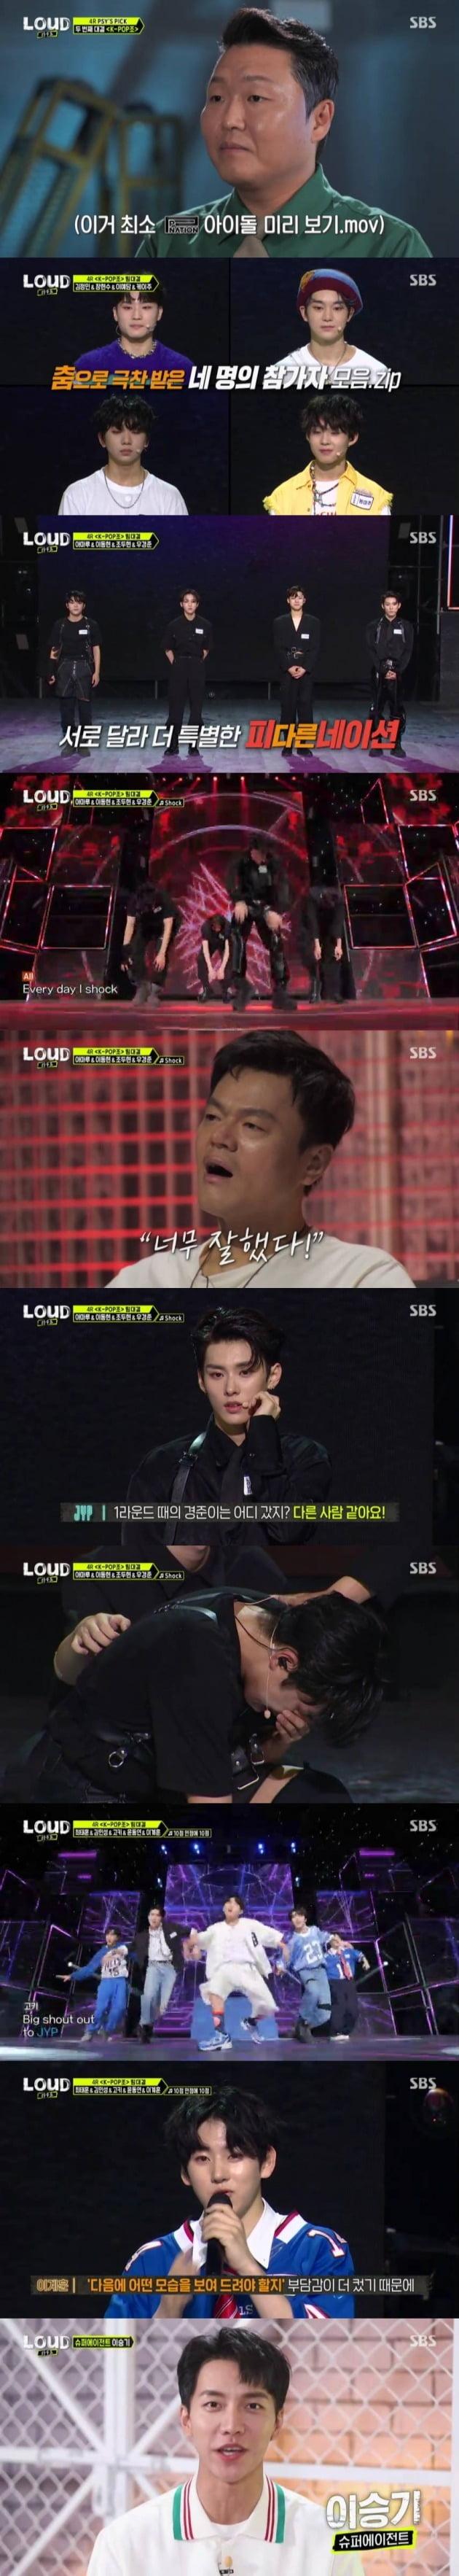 사진=SBS '라우드' 방송 캡처